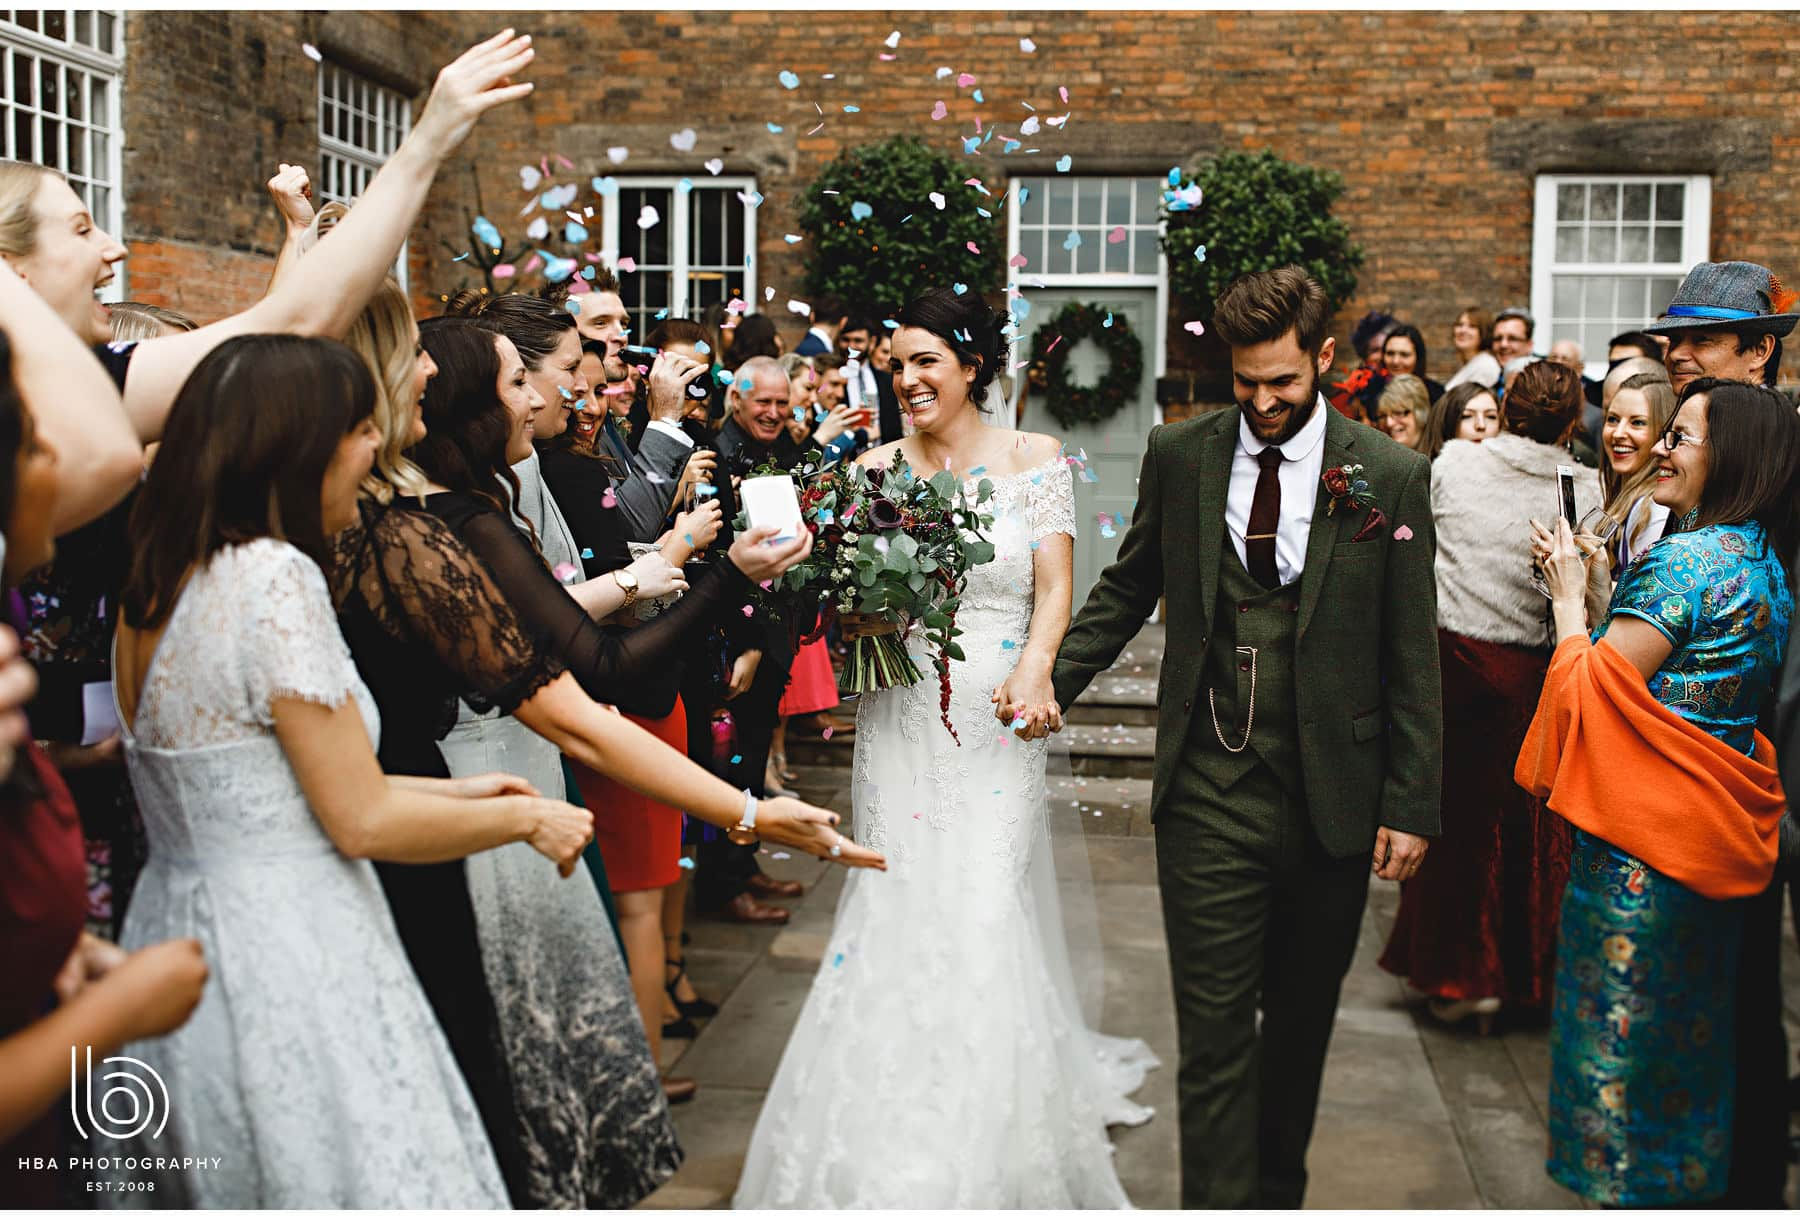 the bride & groom covered in confetti